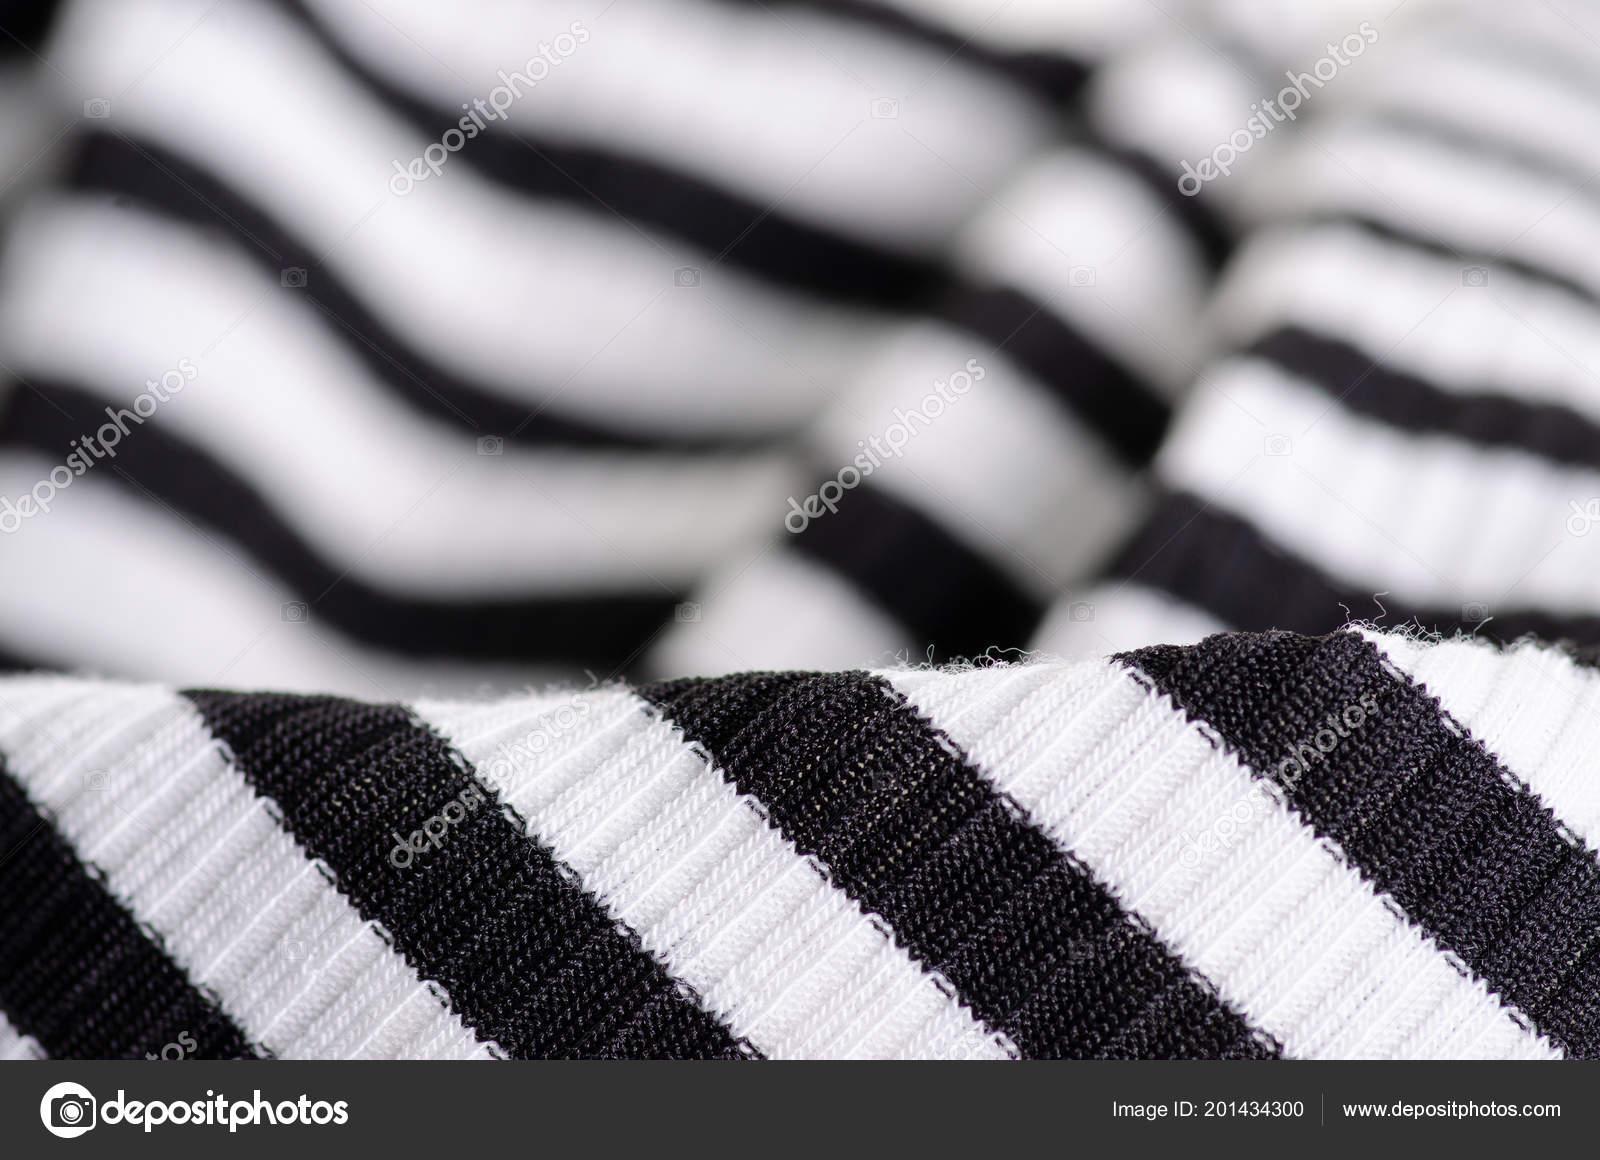 Striscia Di Tessuto.Striscia Di Tessuto Abbigliamento Bianco E Nero Foto Stock